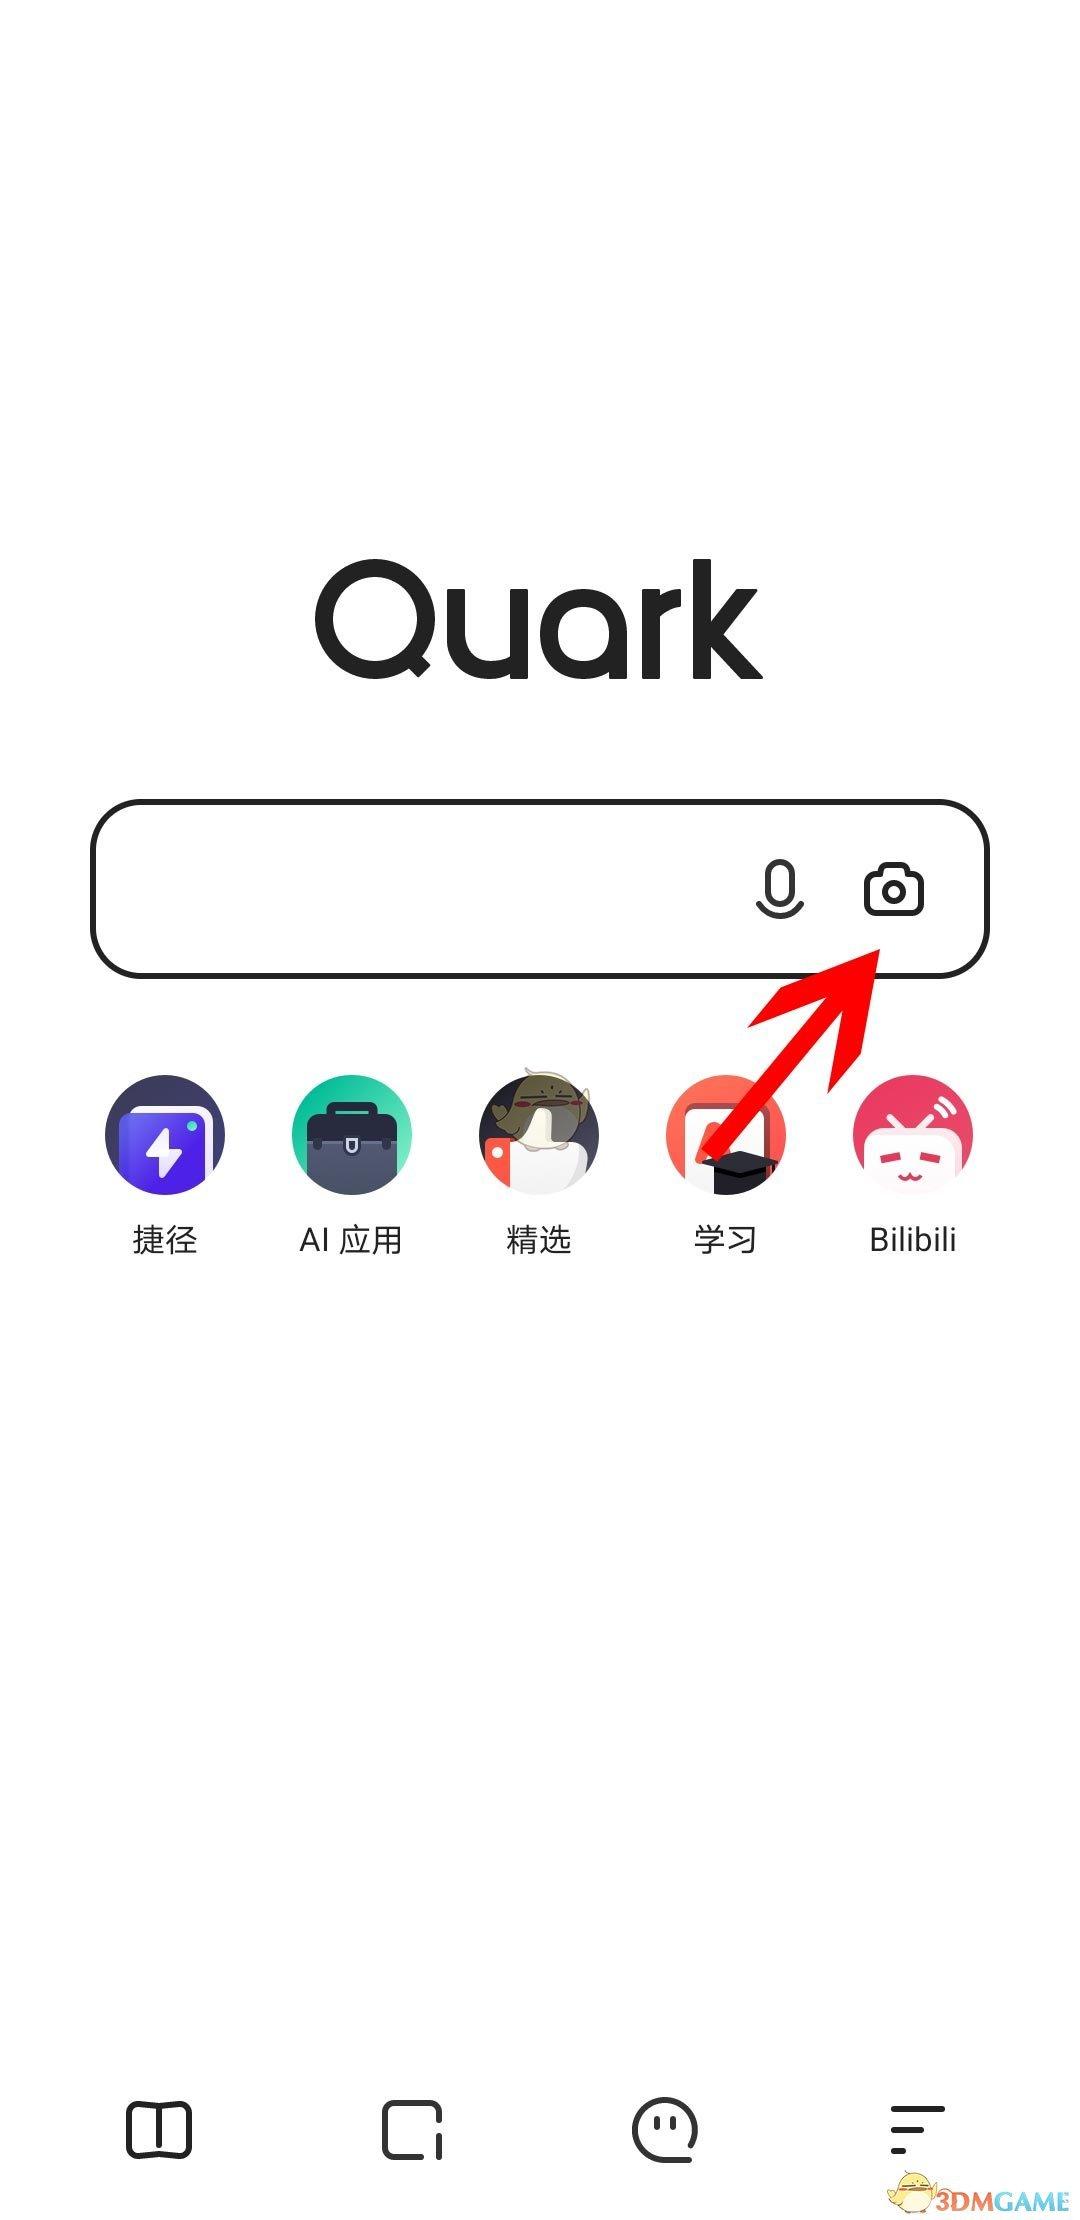 《夸克浏览器》扫二维码方法